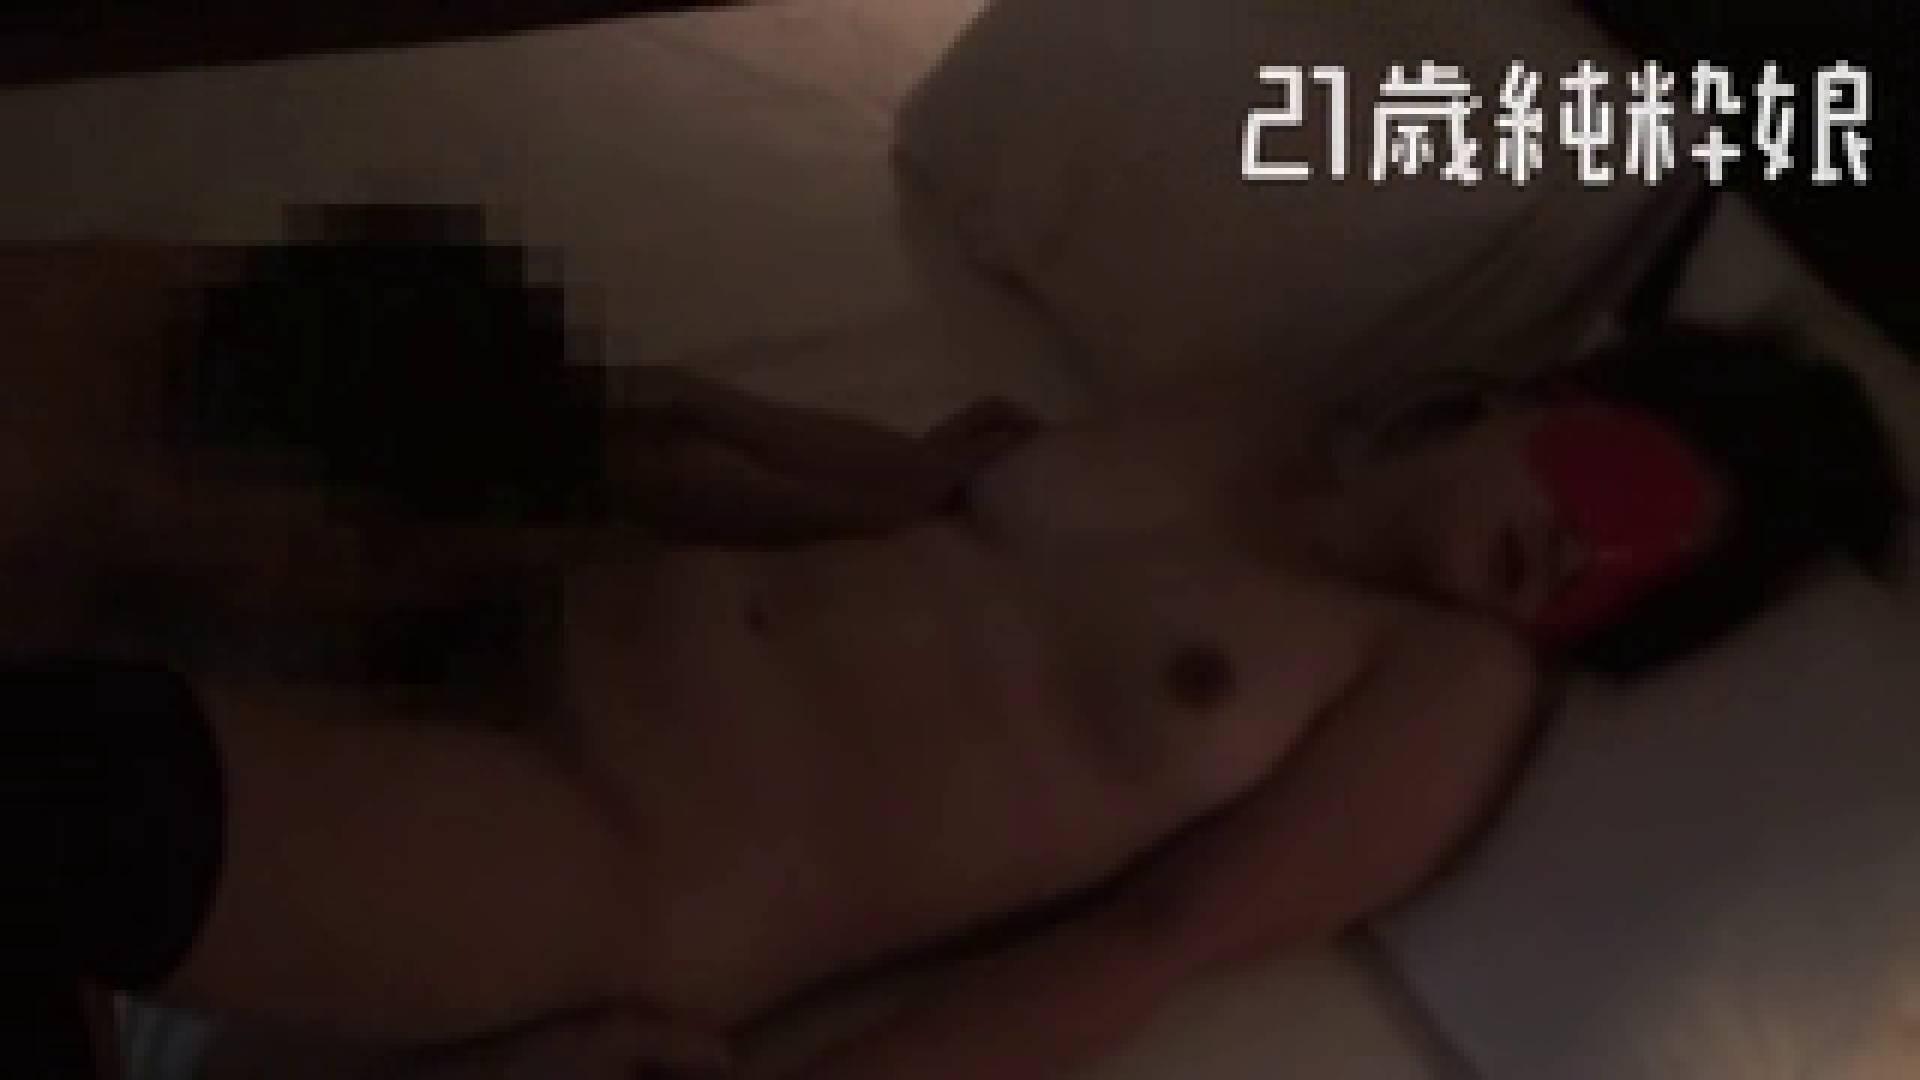 上京したばかりのGカップ21歳純粋嬢を都合の良い女にしてみた4 ホテル  75連発 64